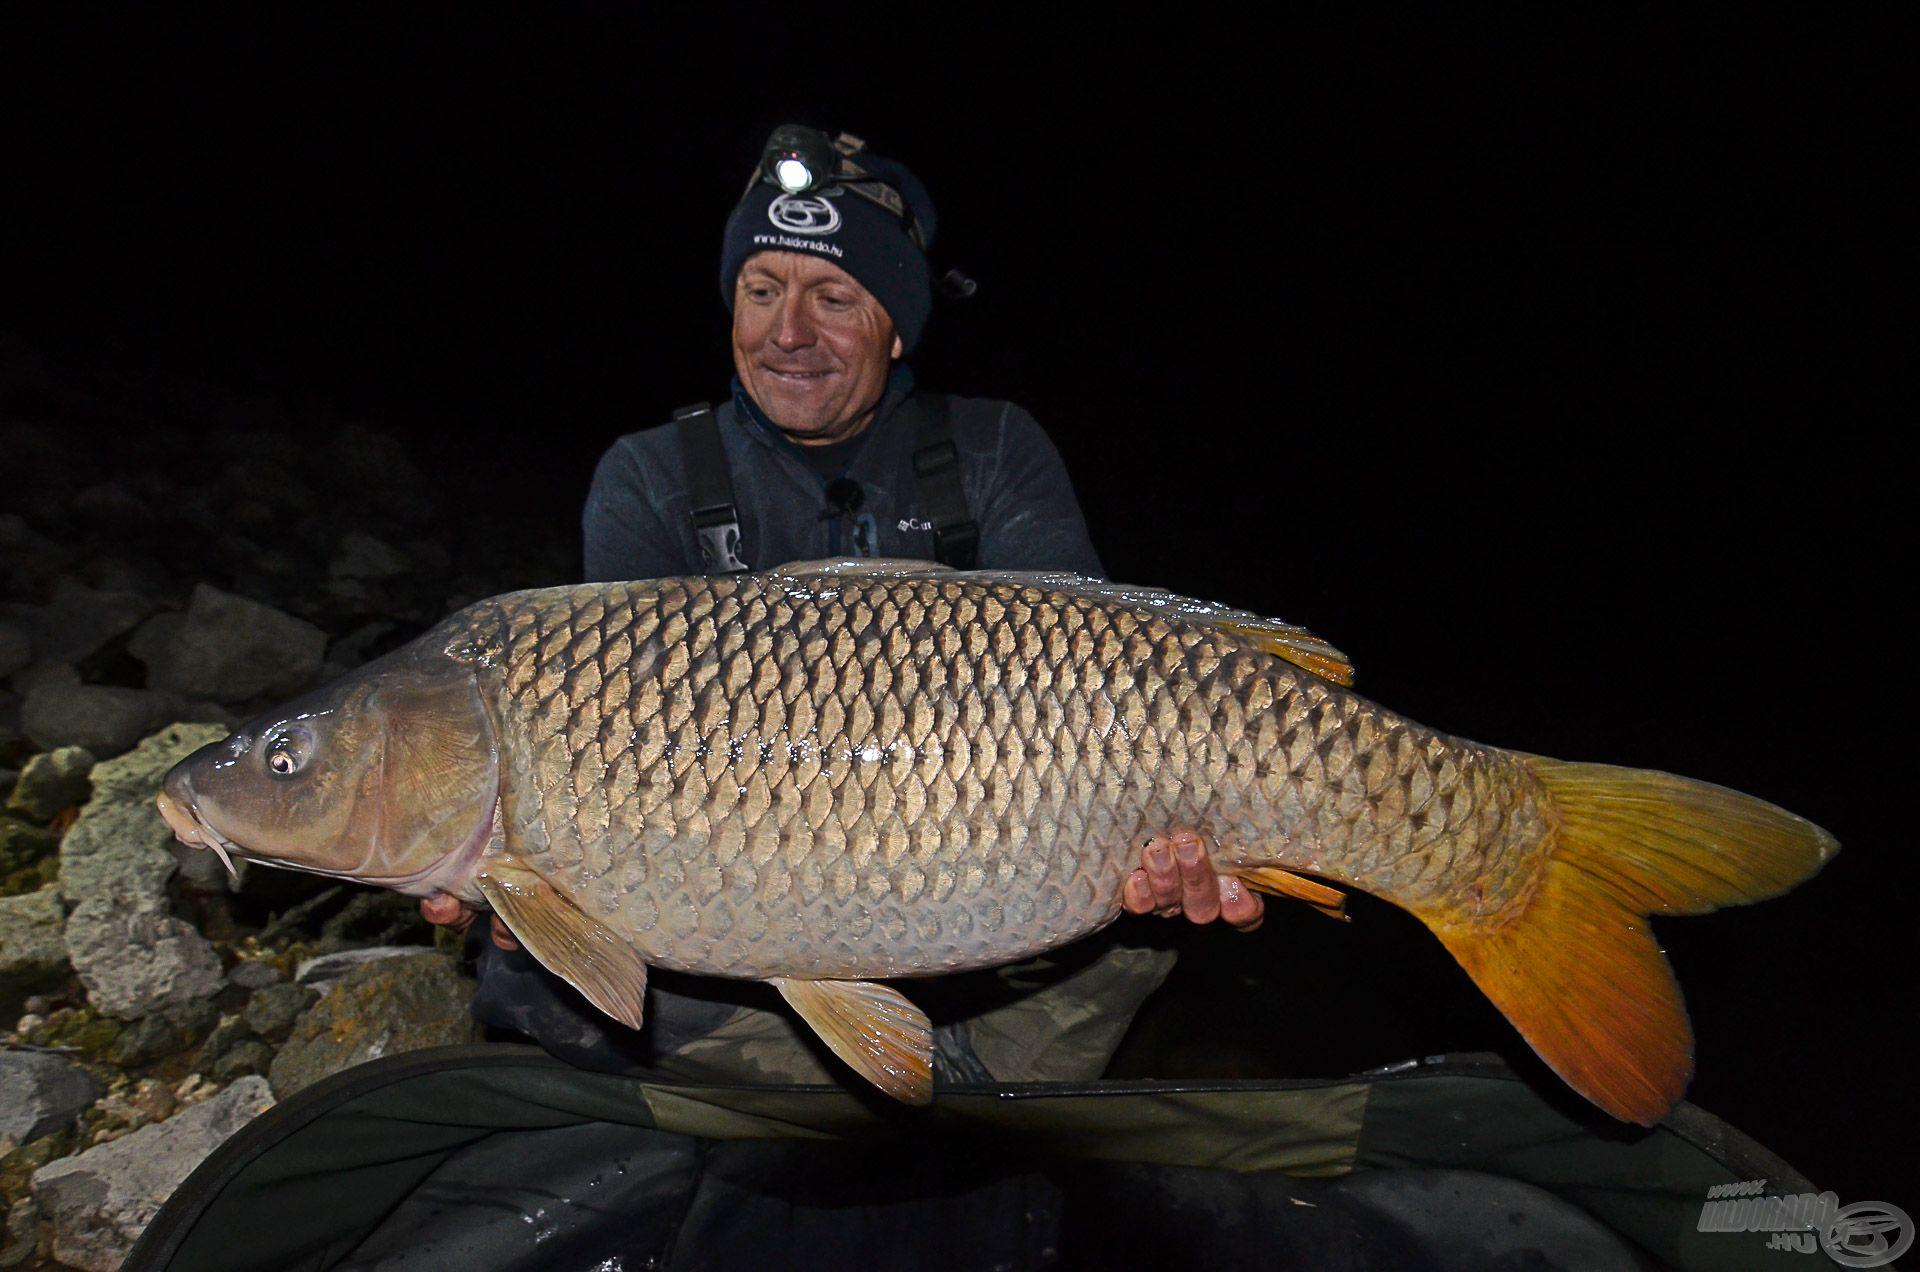 … és többnyire késő este fejeződnek be, mert gyakorta ekkor jönnek azok a halak, amelyekről sokan csak álmodnak